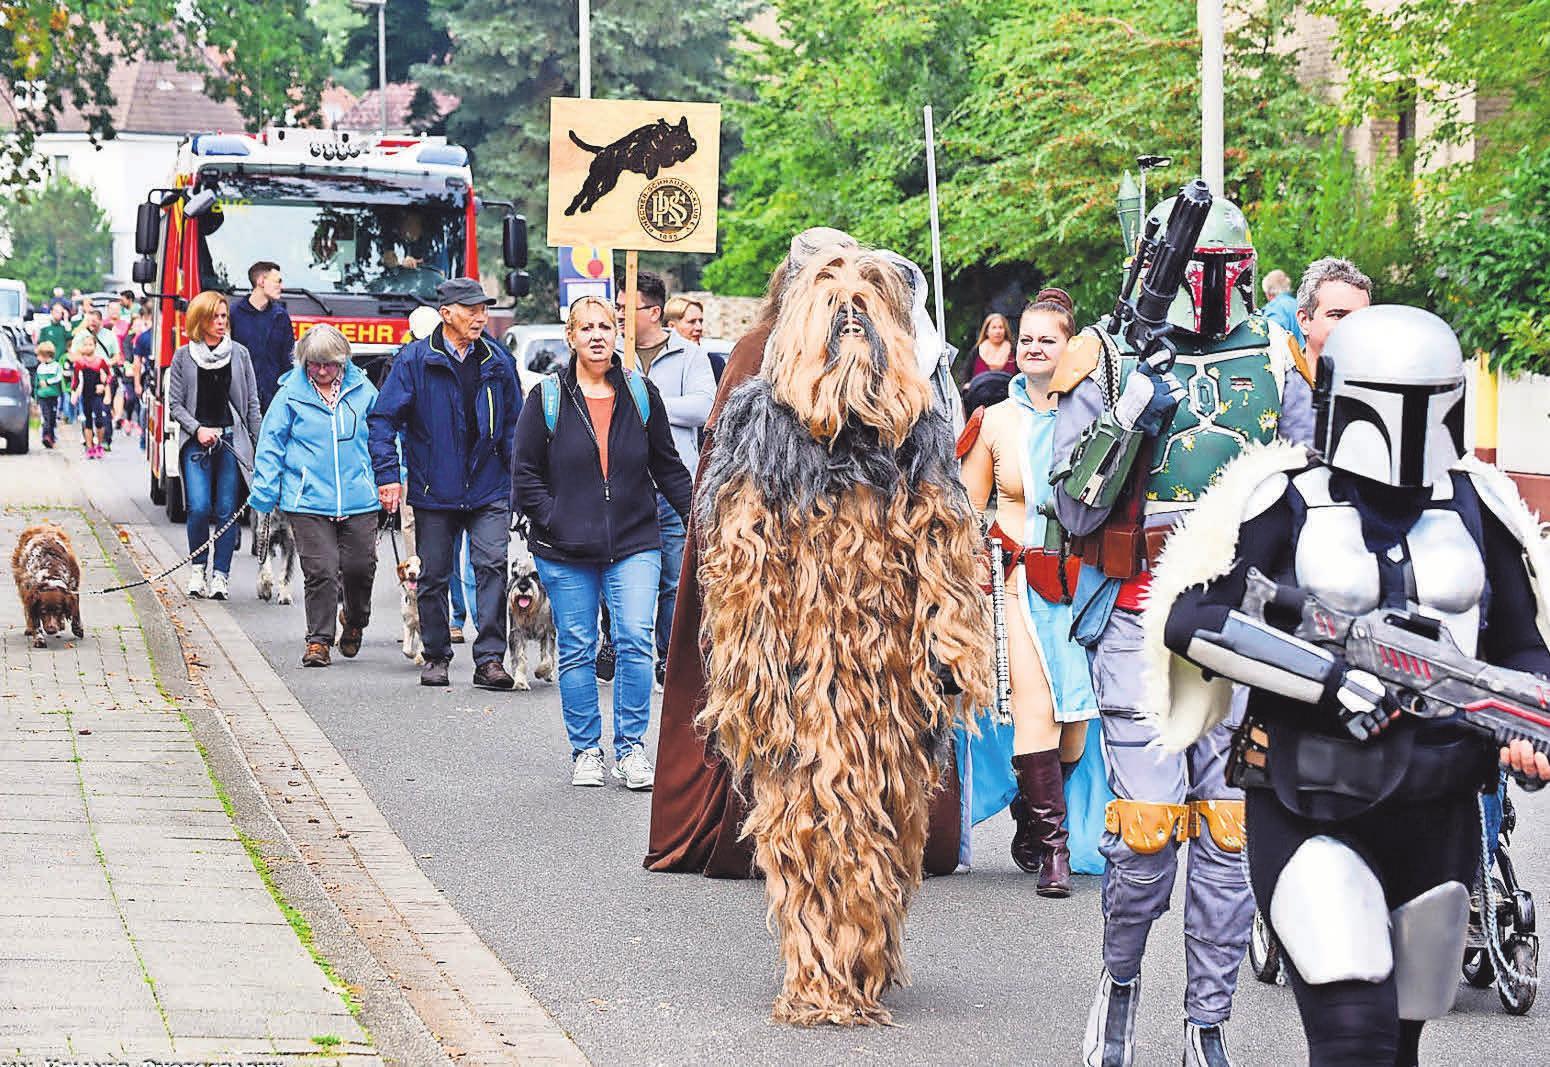 Mit dem großen Festumzug startet der Stadtteil in ein turbulentes Wochenende.